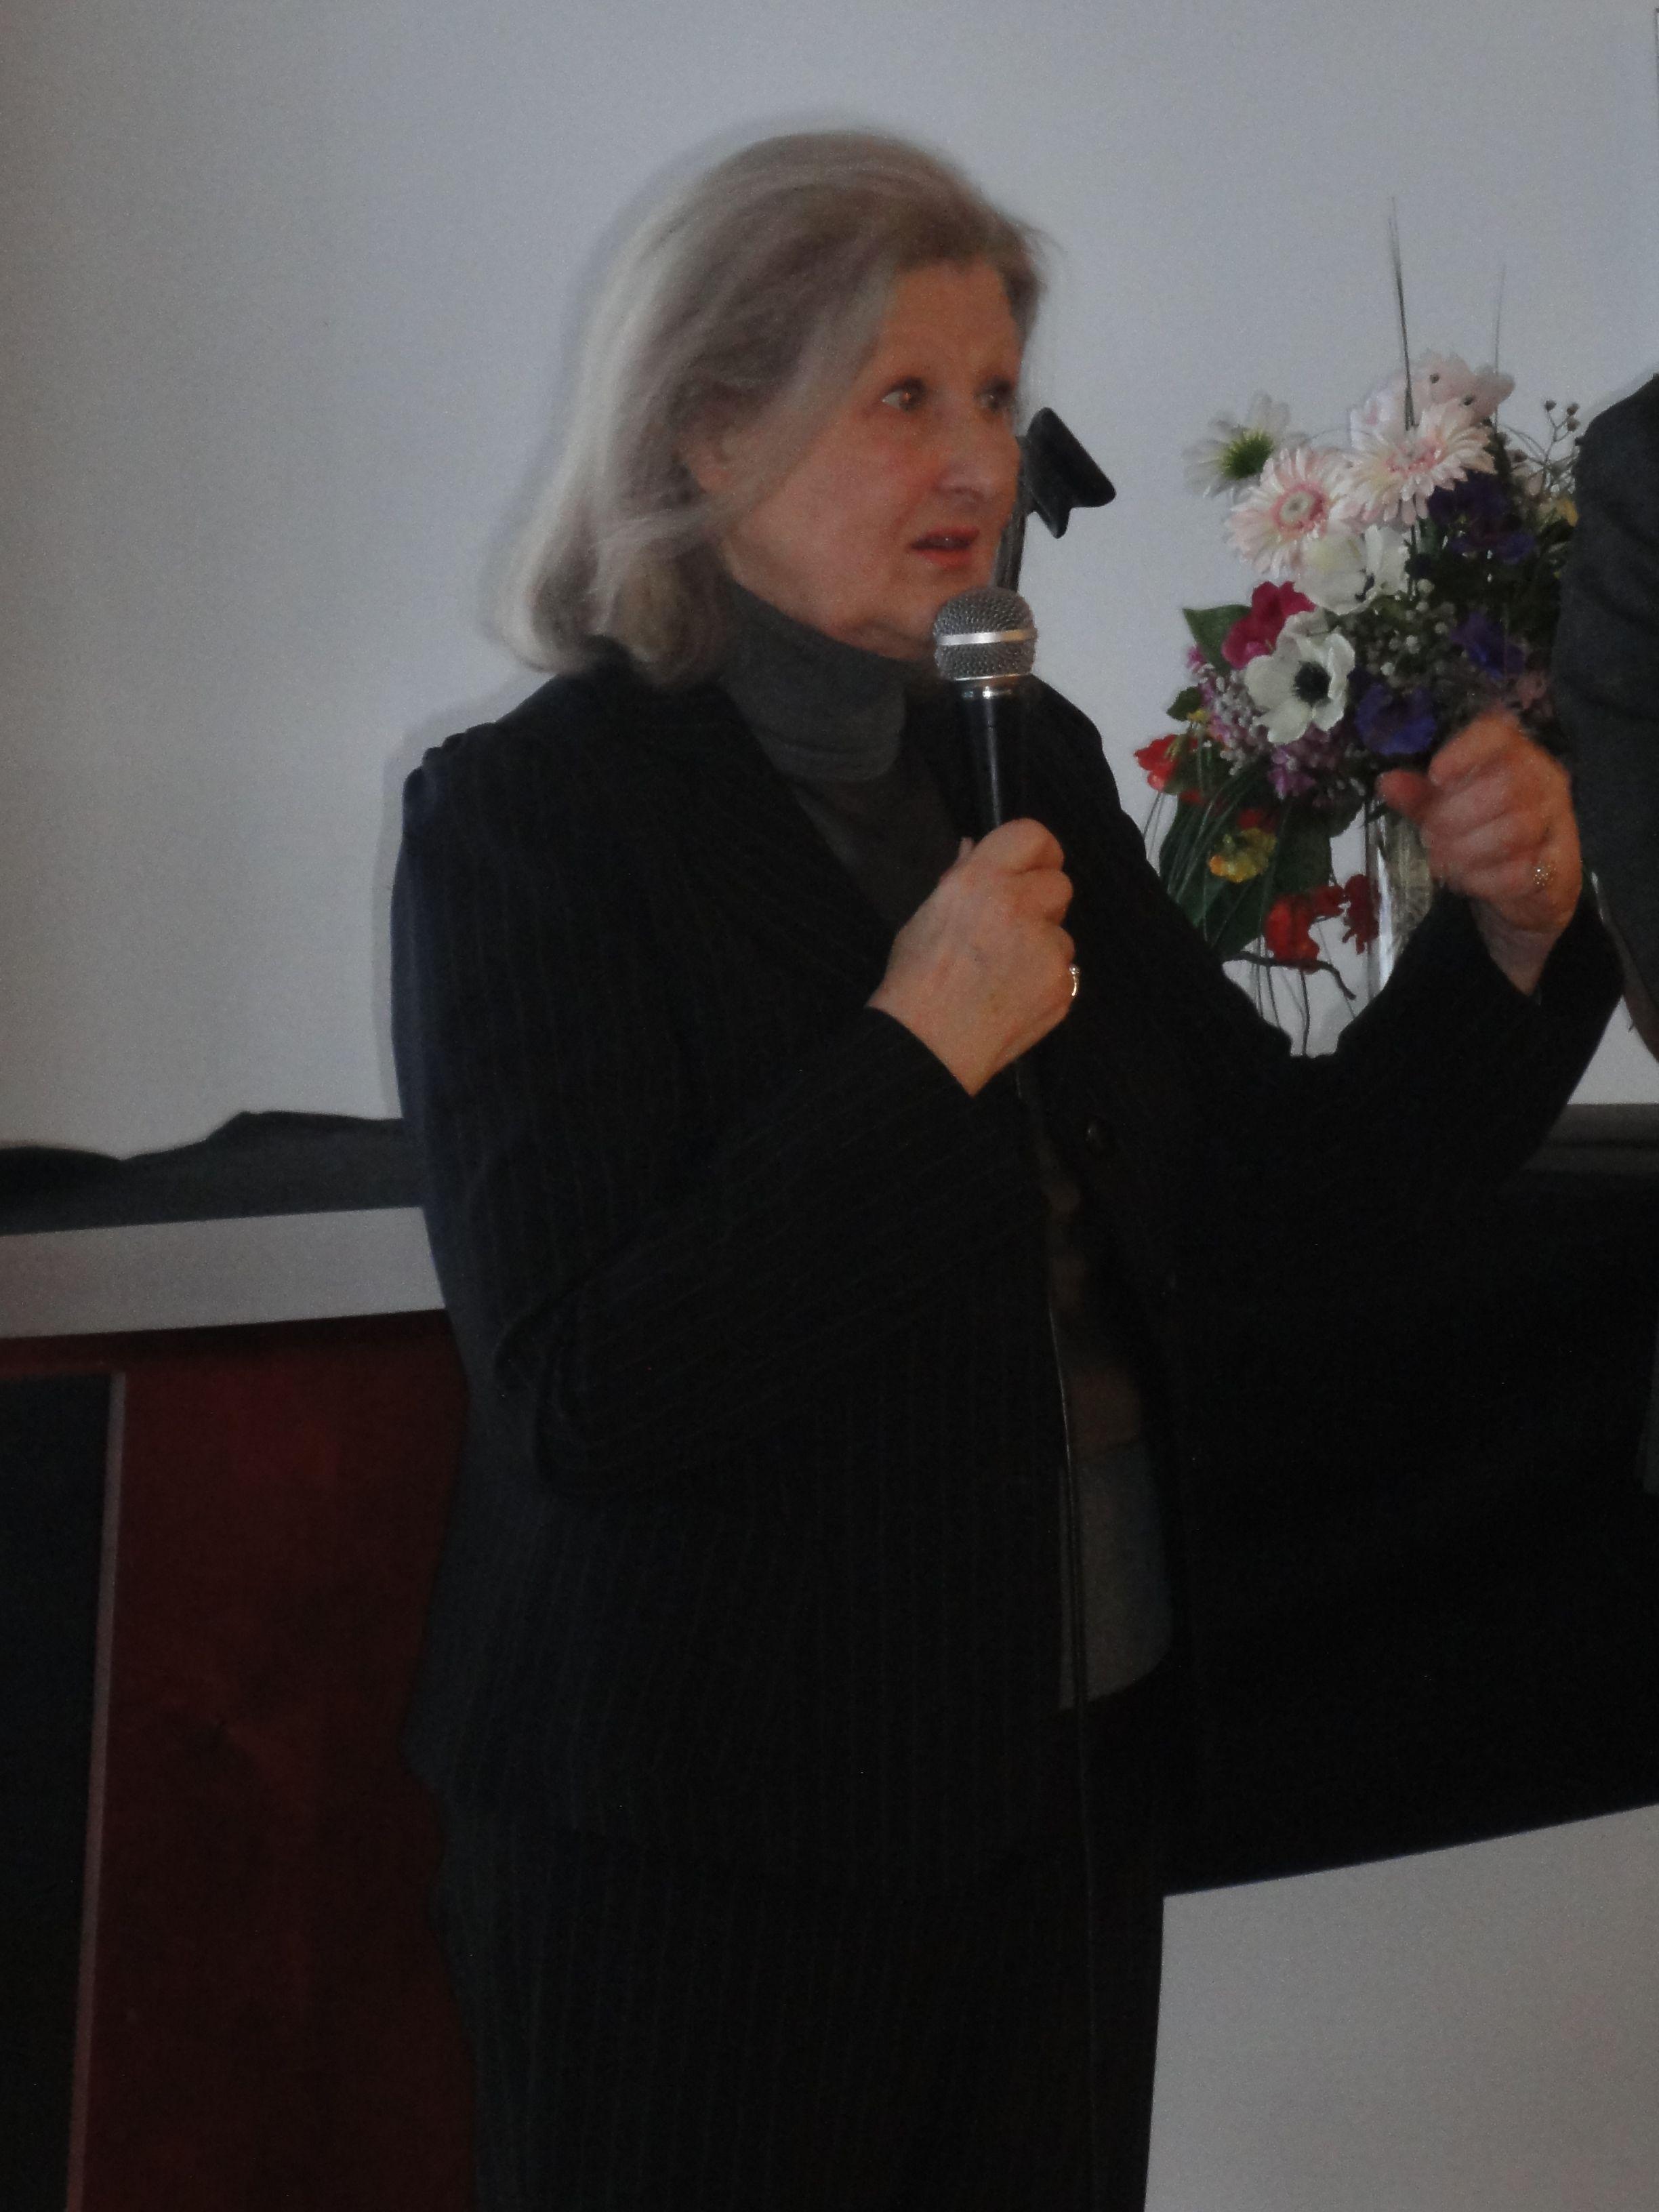 Maria-Liisa Nevala